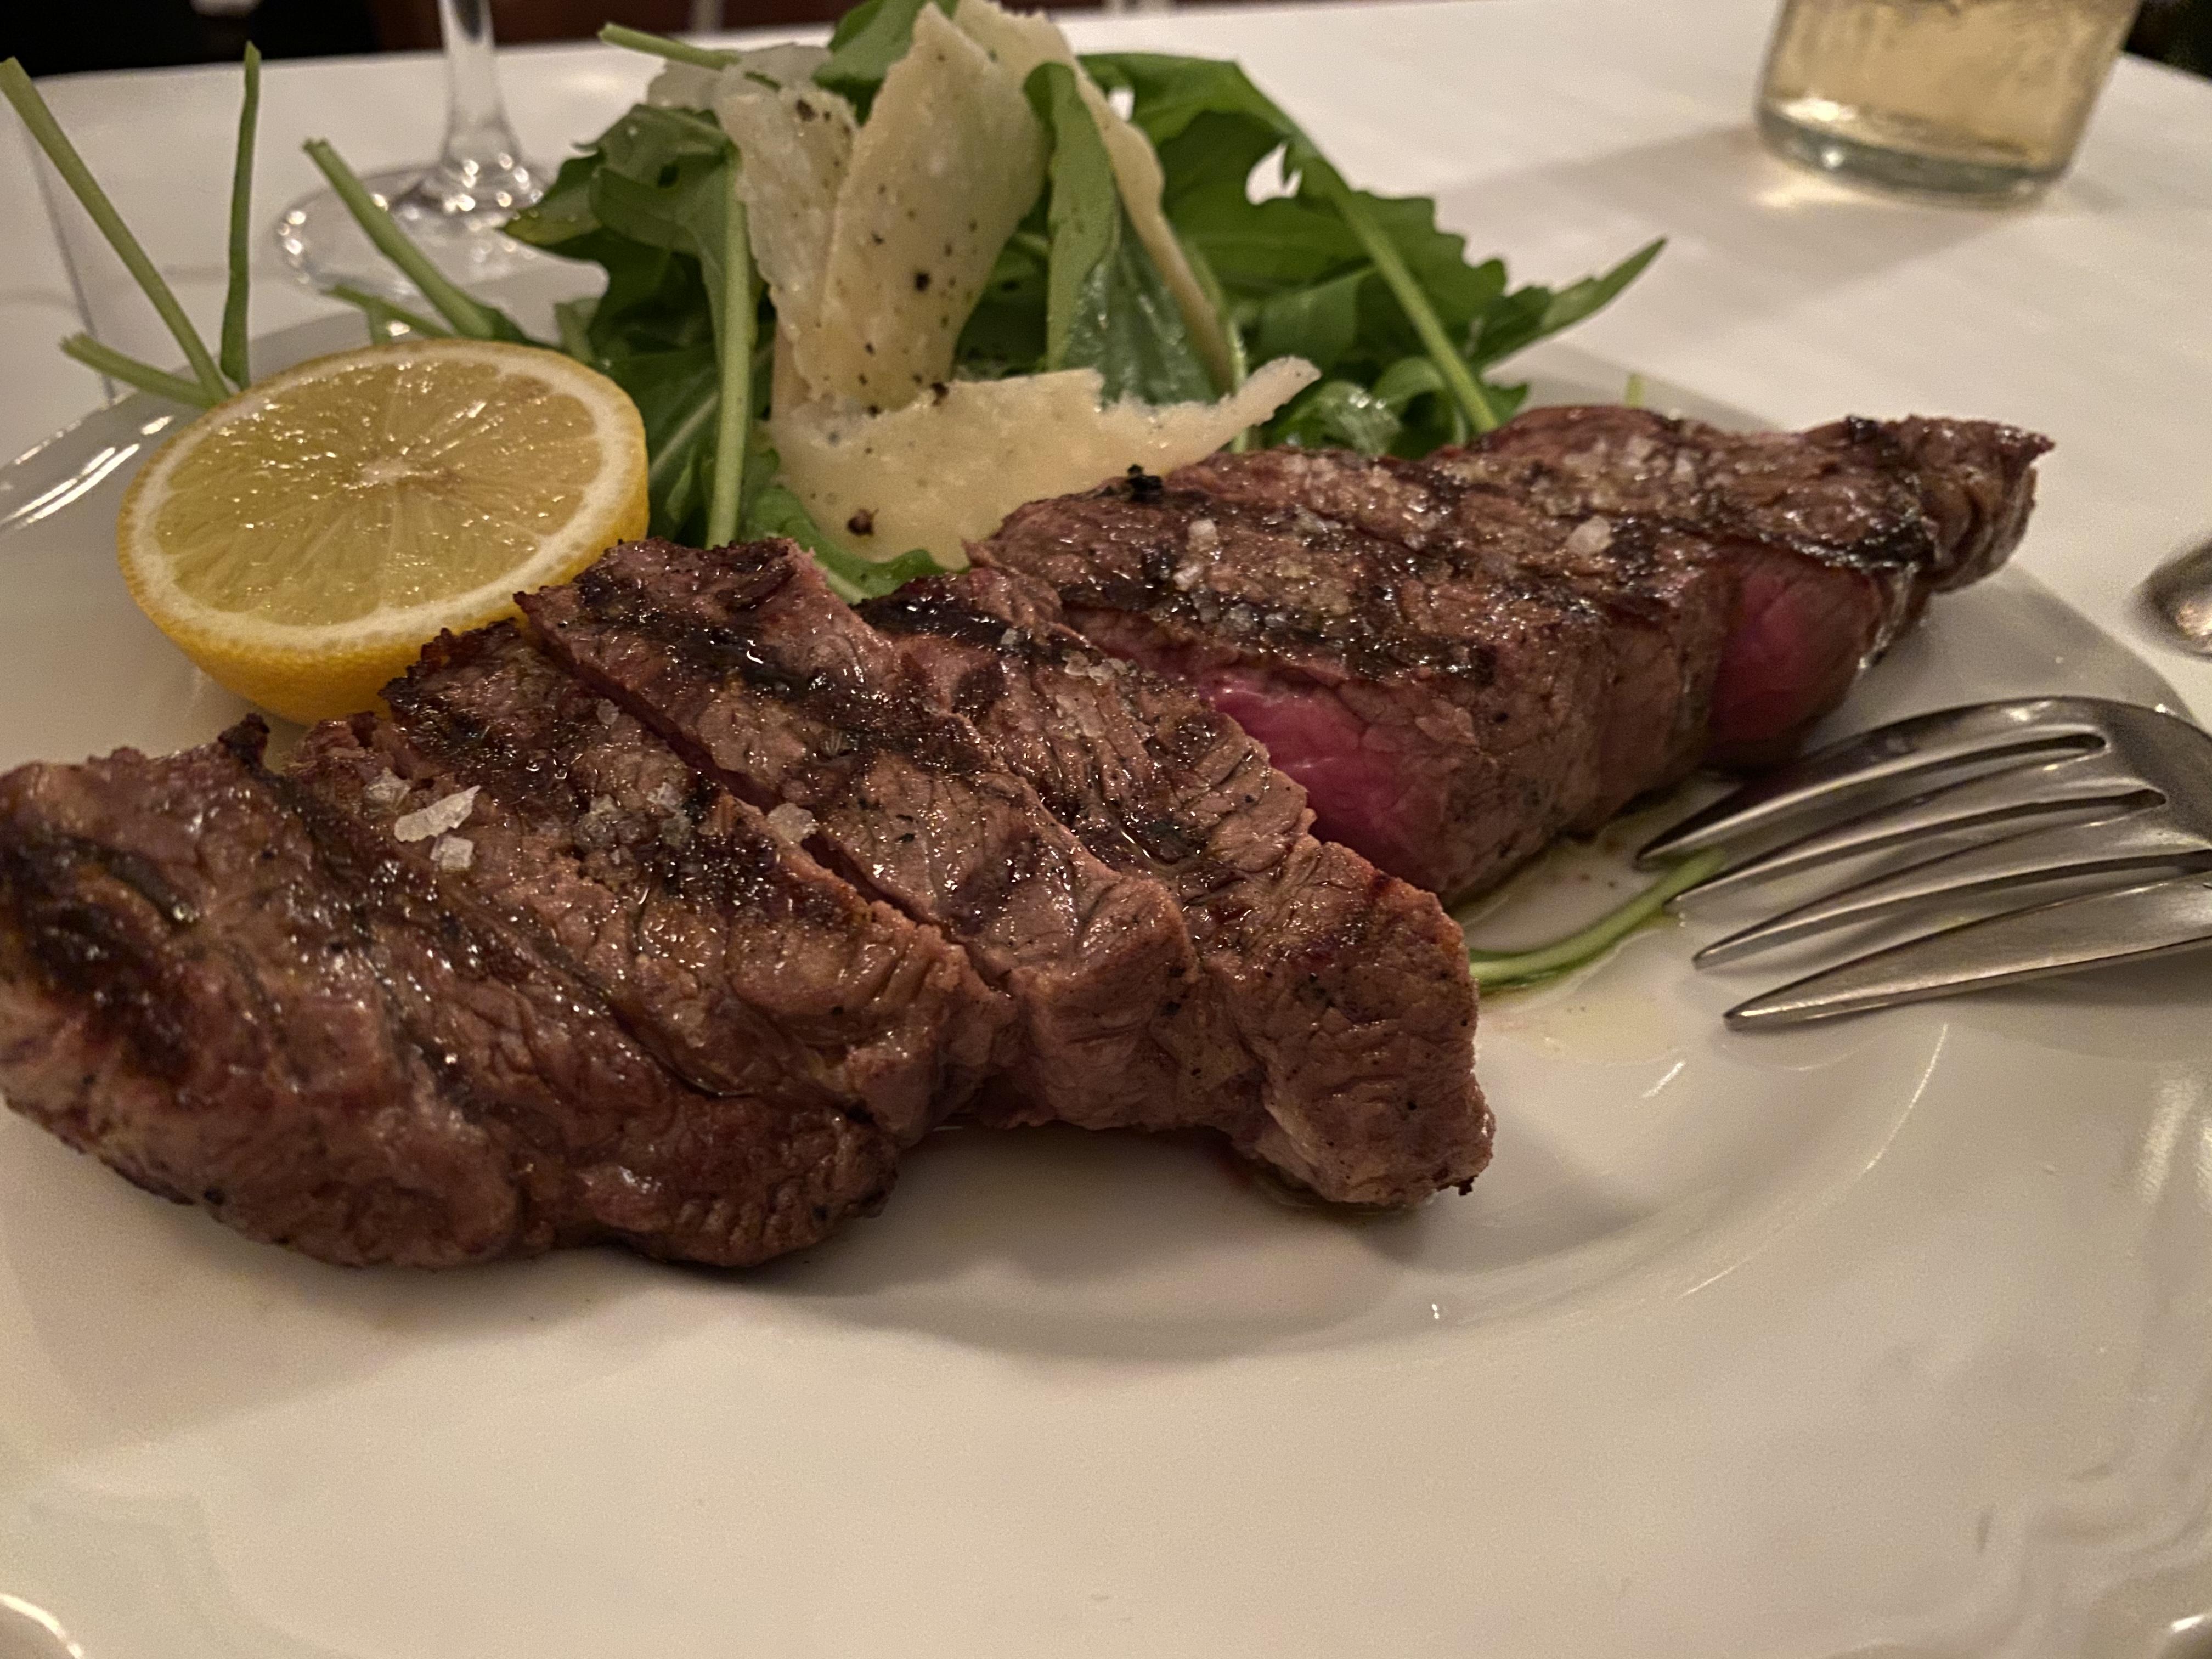 トラットリア・ダル・ビルバンテ・ジョコンドのお肉